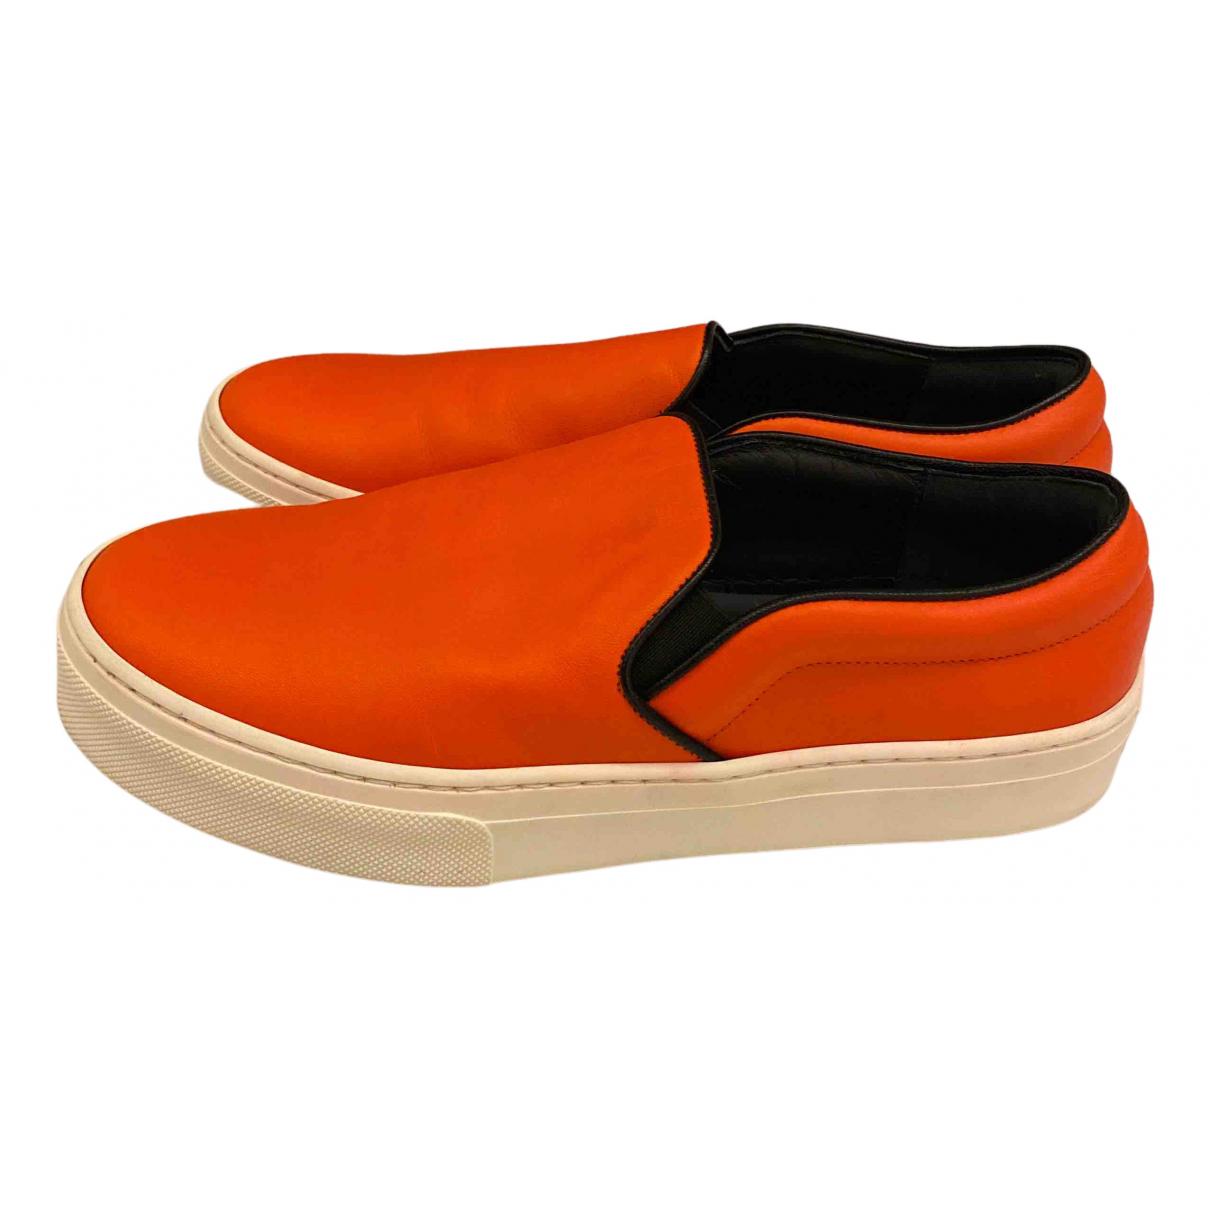 Celine \N Espadrilles in  Orange Leder